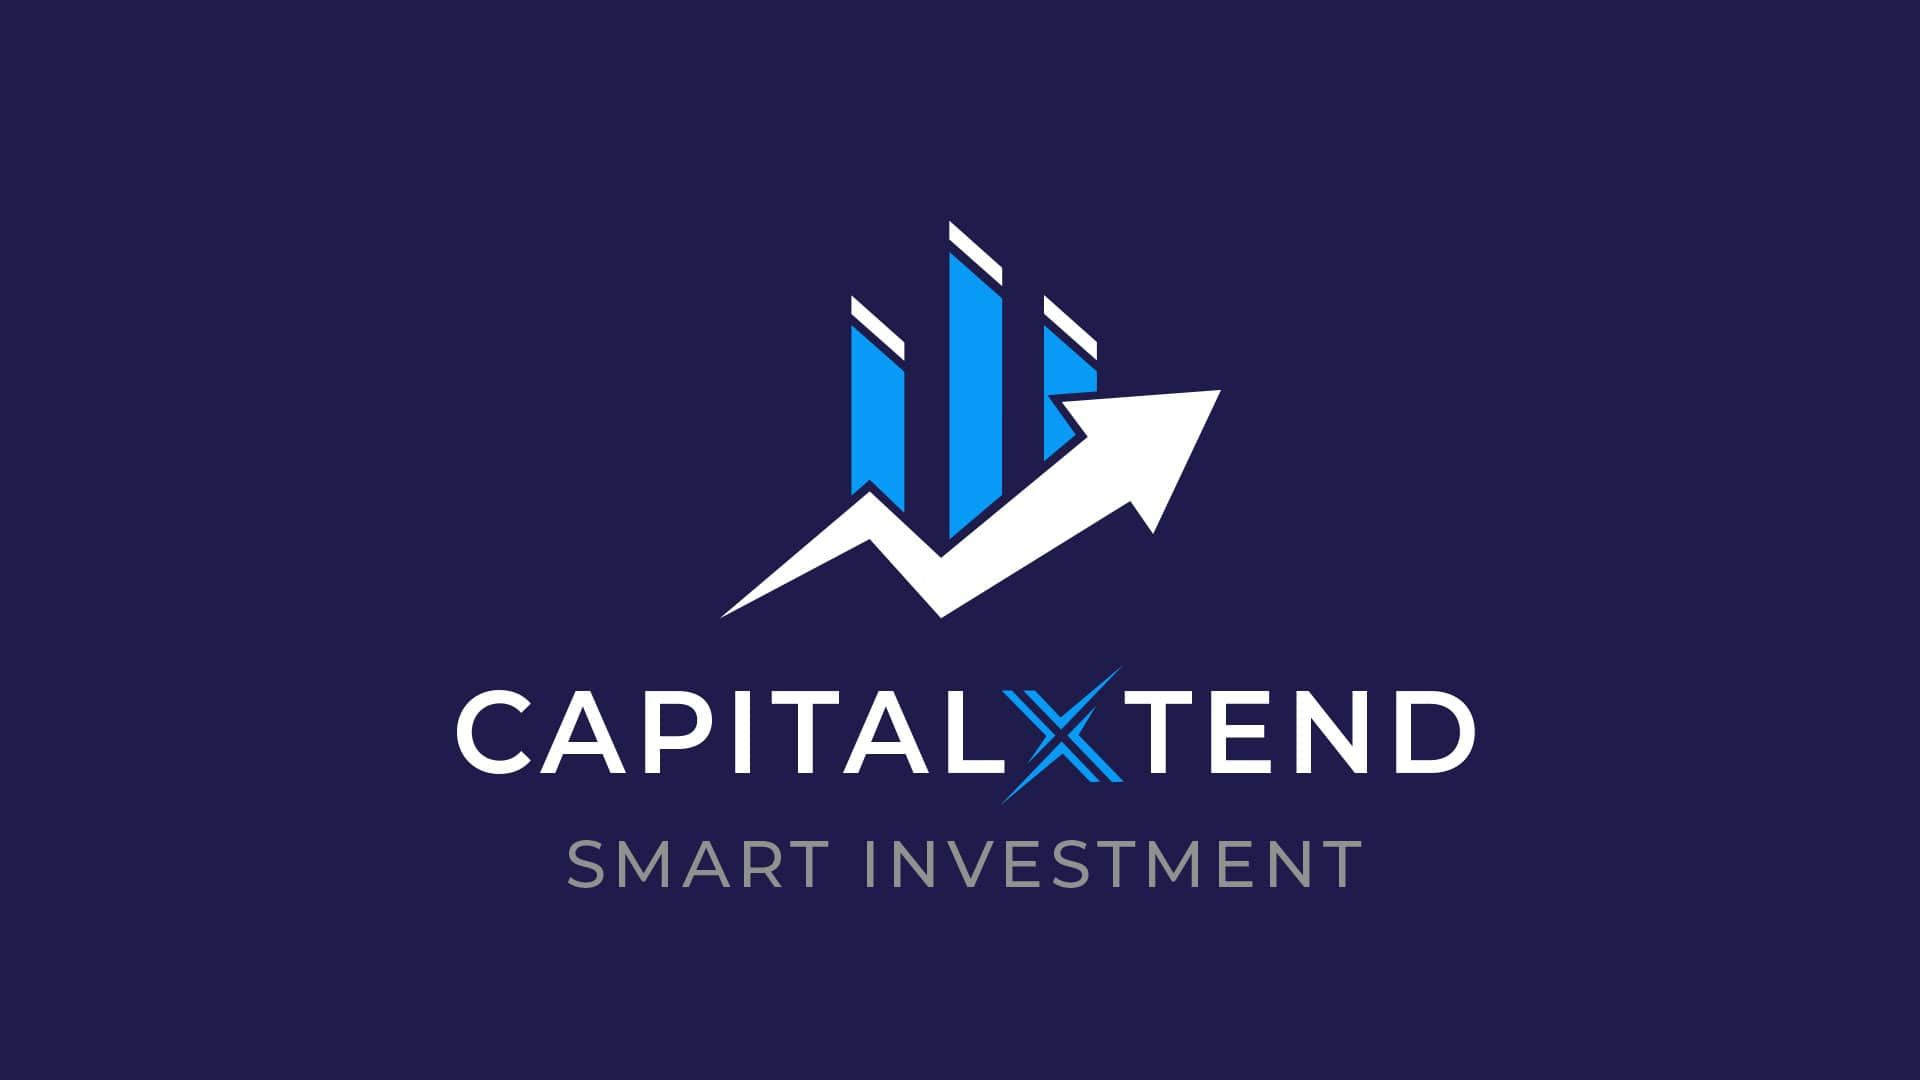 شركة التداول Capitalxtend تحصل على الموافقة للإنضمام للهيئة المالية Finacom مما يعطي موثوقية للشركة ويؤهل زبائن الشركة Stock Quotes Stock Charts Trend Trading